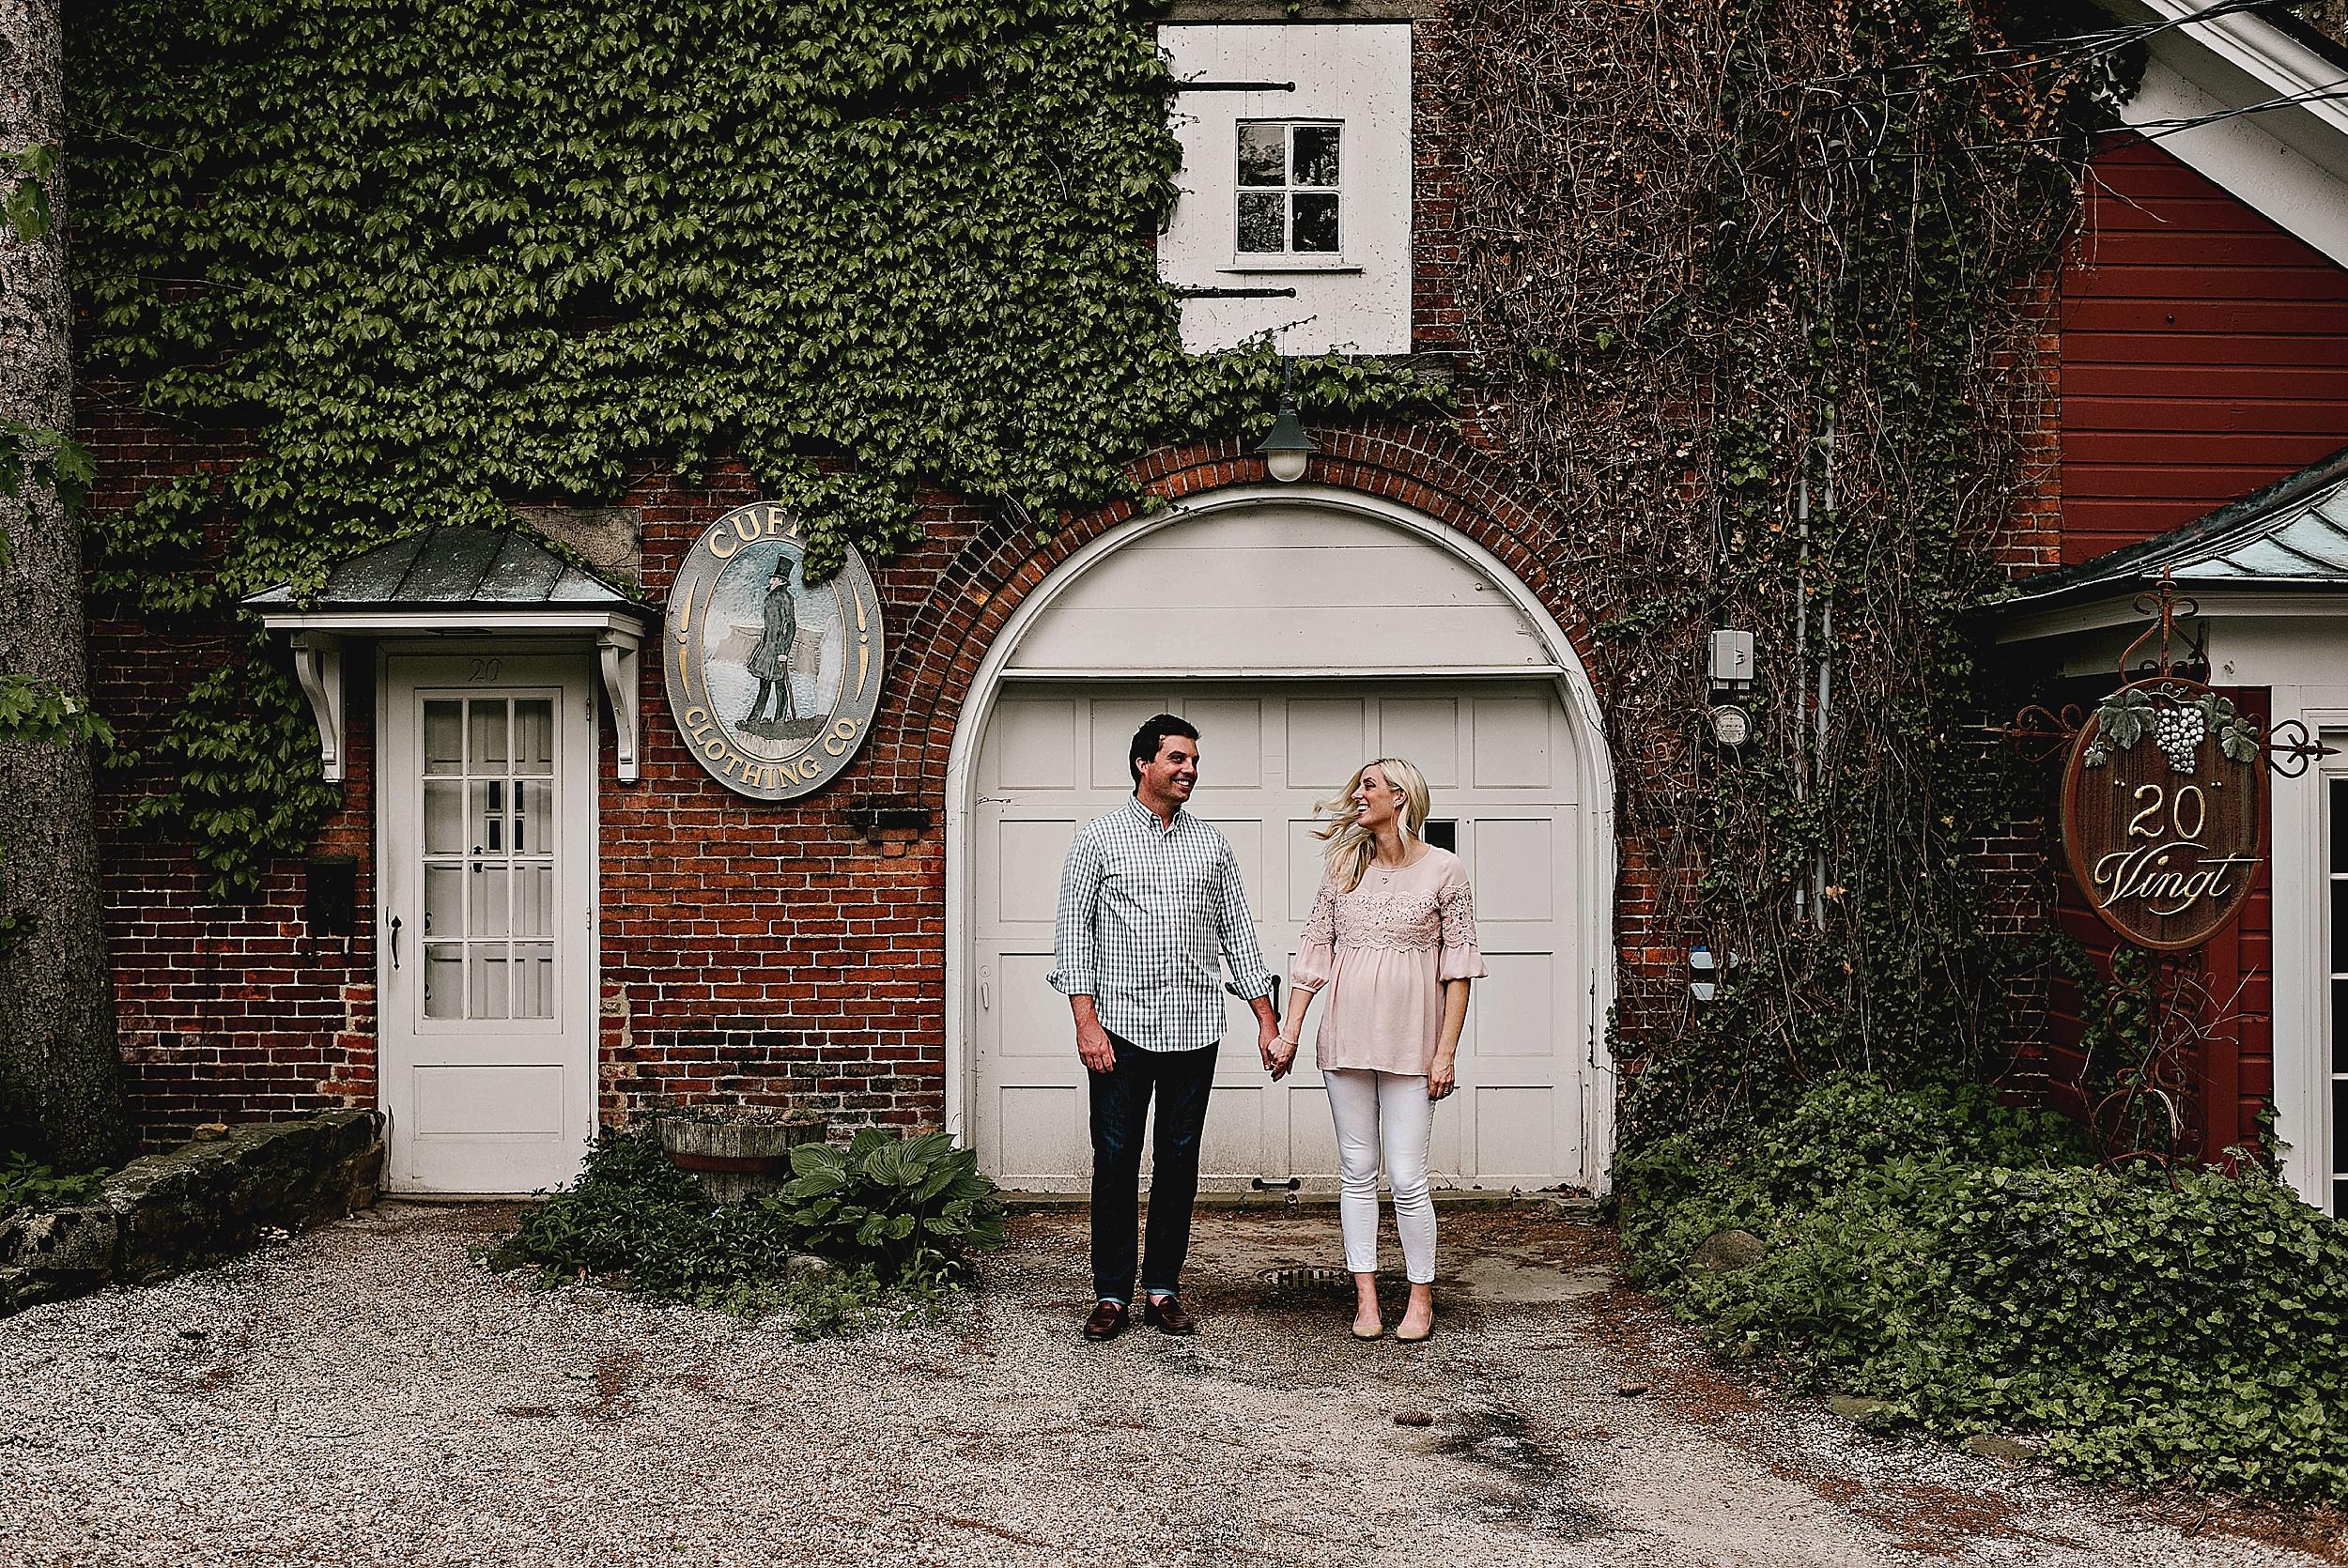 lauren-grayson-photography-portrait-artist-akron-cleveland-ohio-photographer-growth-comparison-breakout-clickin-moms_0127.jpg